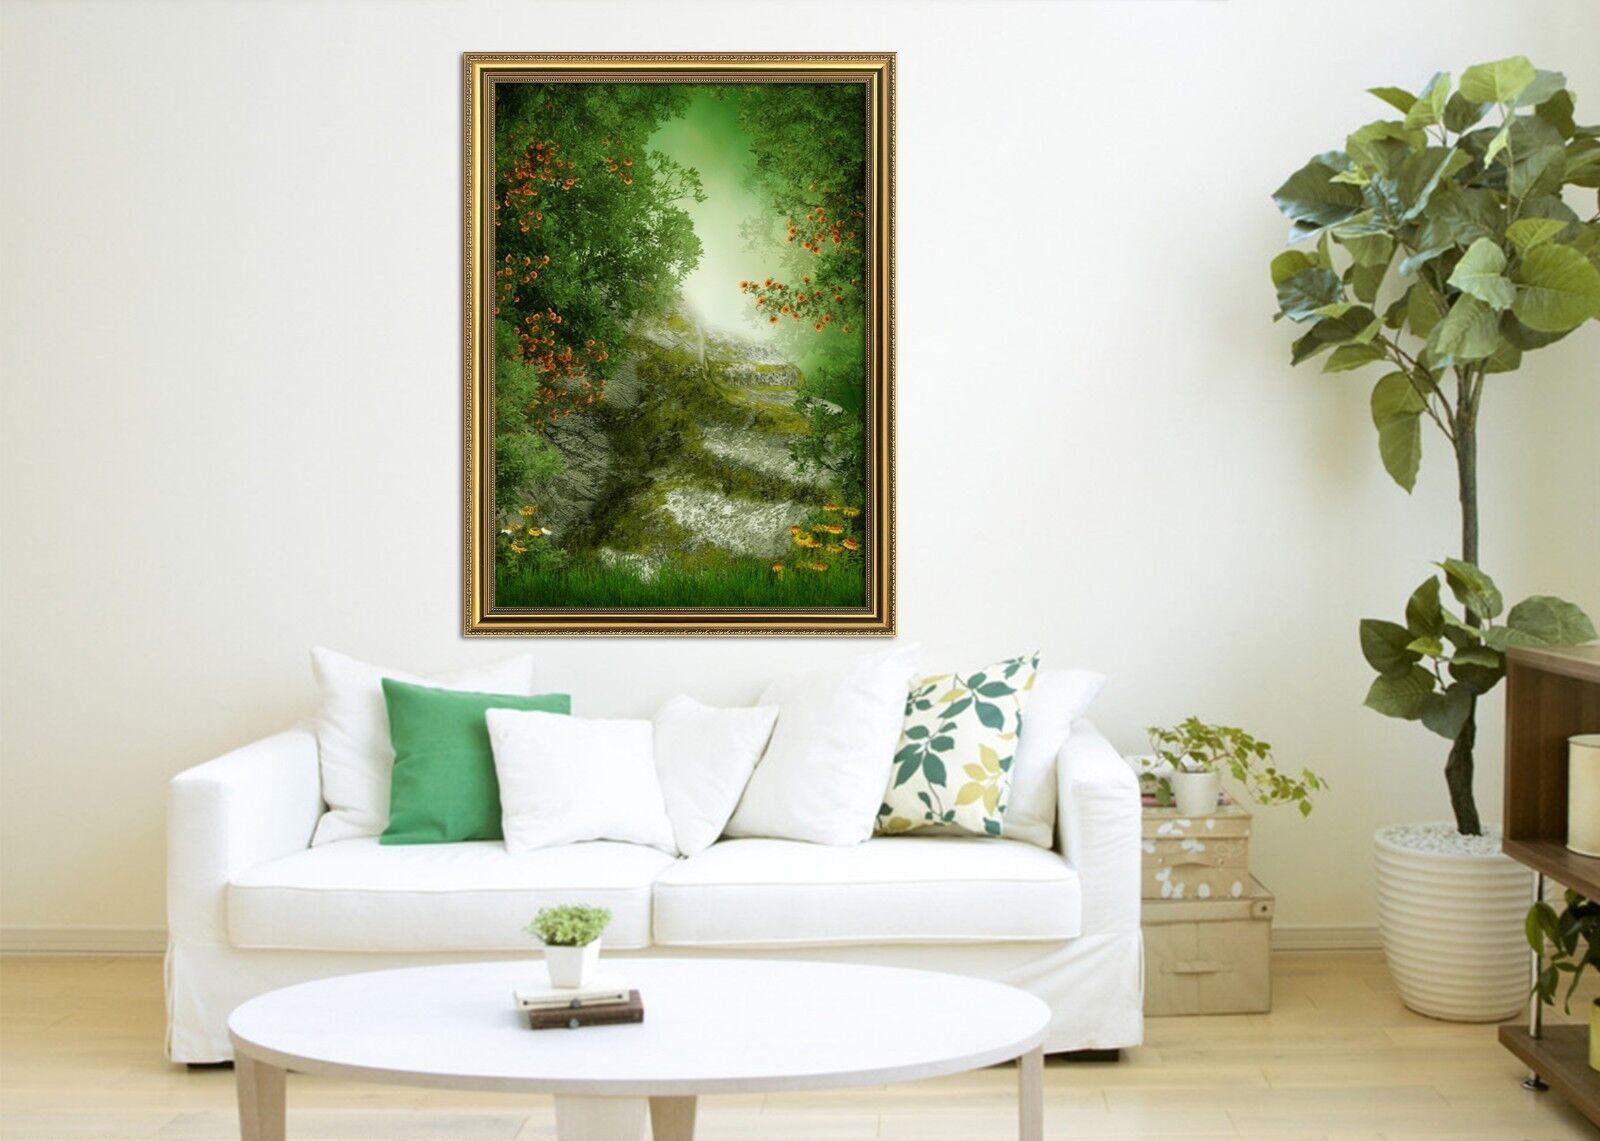 Bosque verde de Niebla 3D 33 Póster Enmarcado Decoración del Hogar Pintura de Impresión Arte AJ Wallpaper